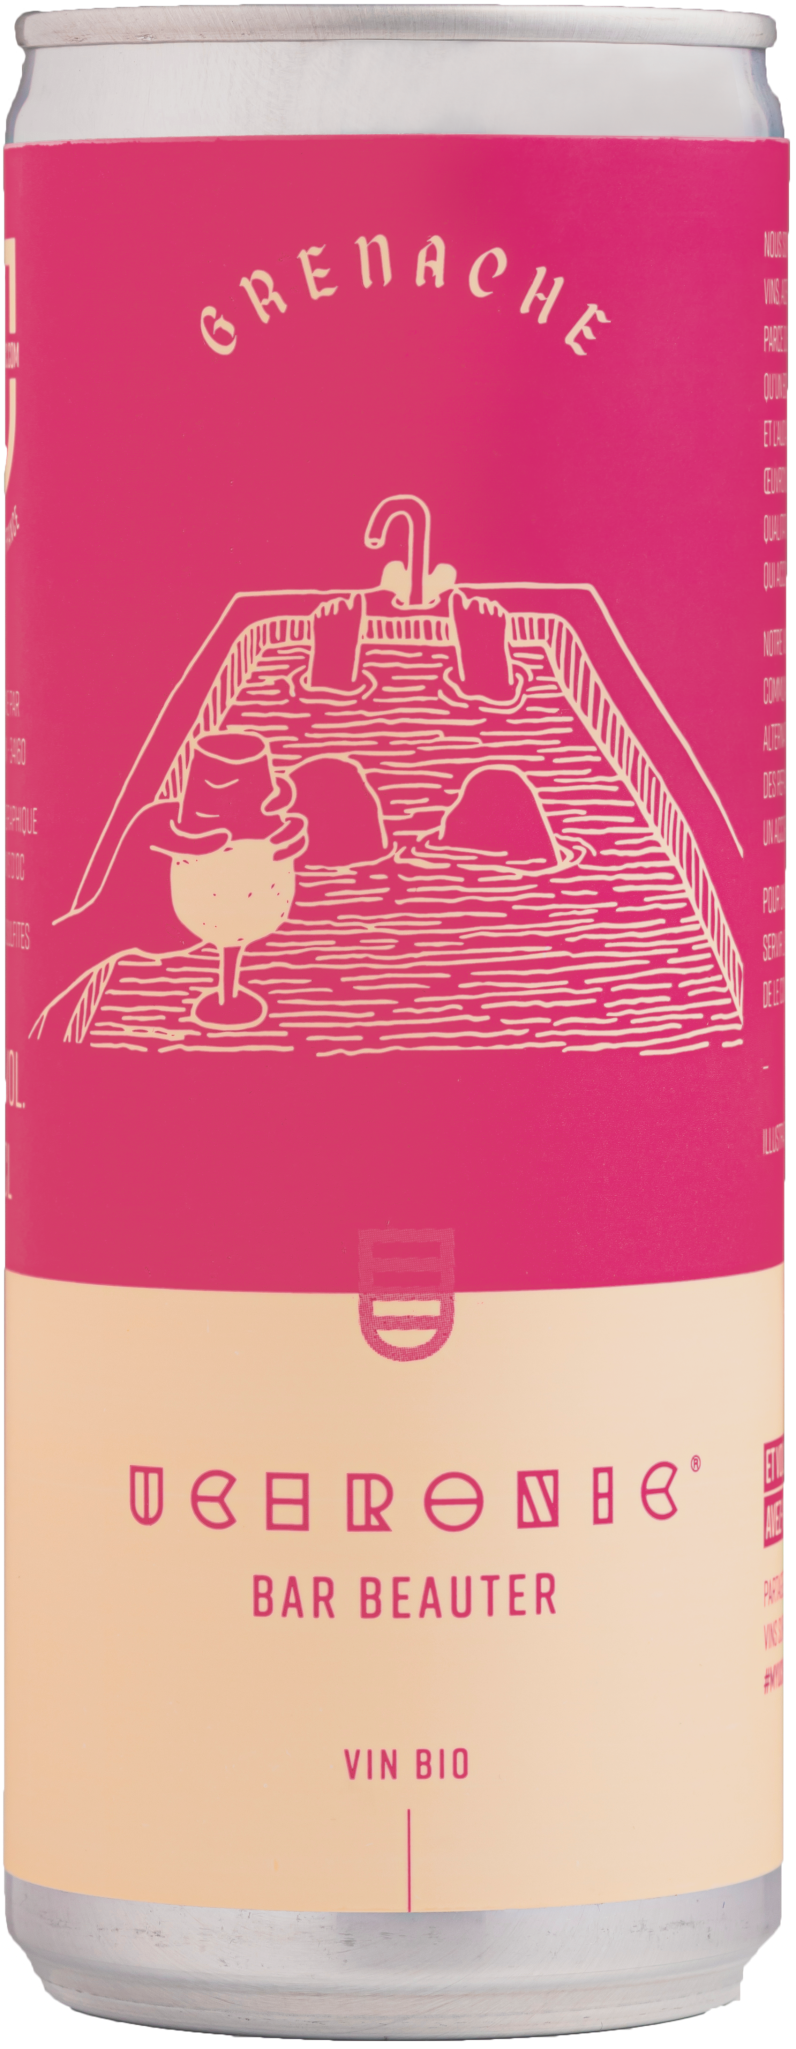 vin rosé en canette. Grenache issus de l'agriculture biologique. Canette rose vif.